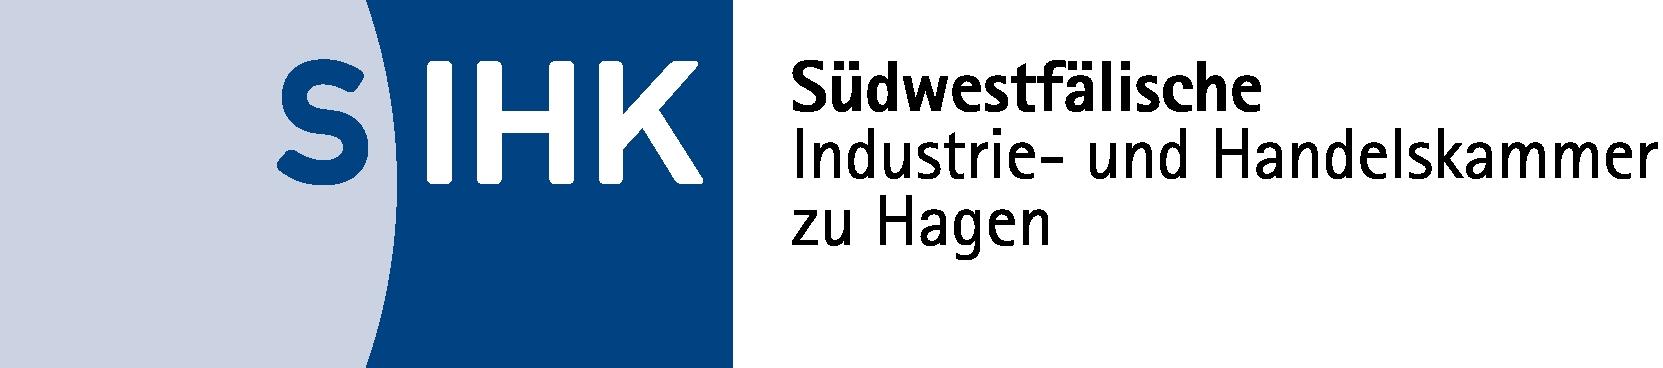 Grafcet Schulung für SIHK Südwestfälische Industrie-und Handelskammer